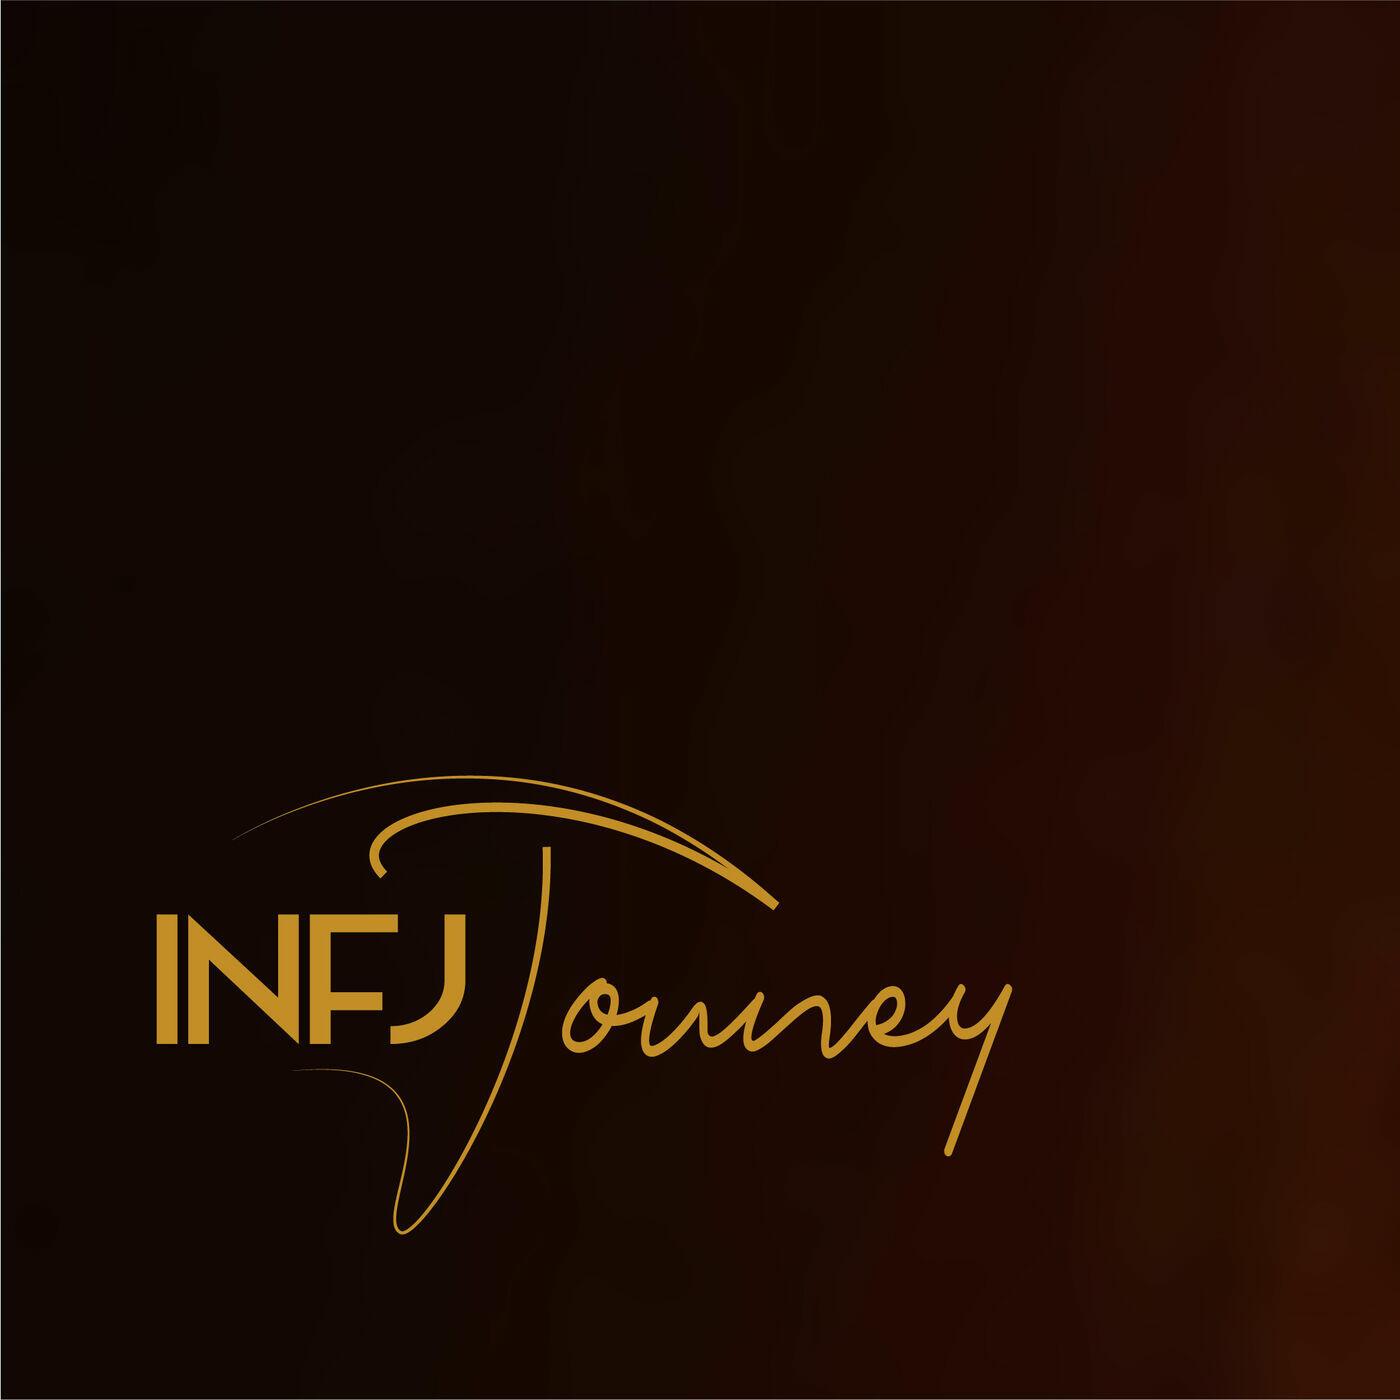 INFJ Journey